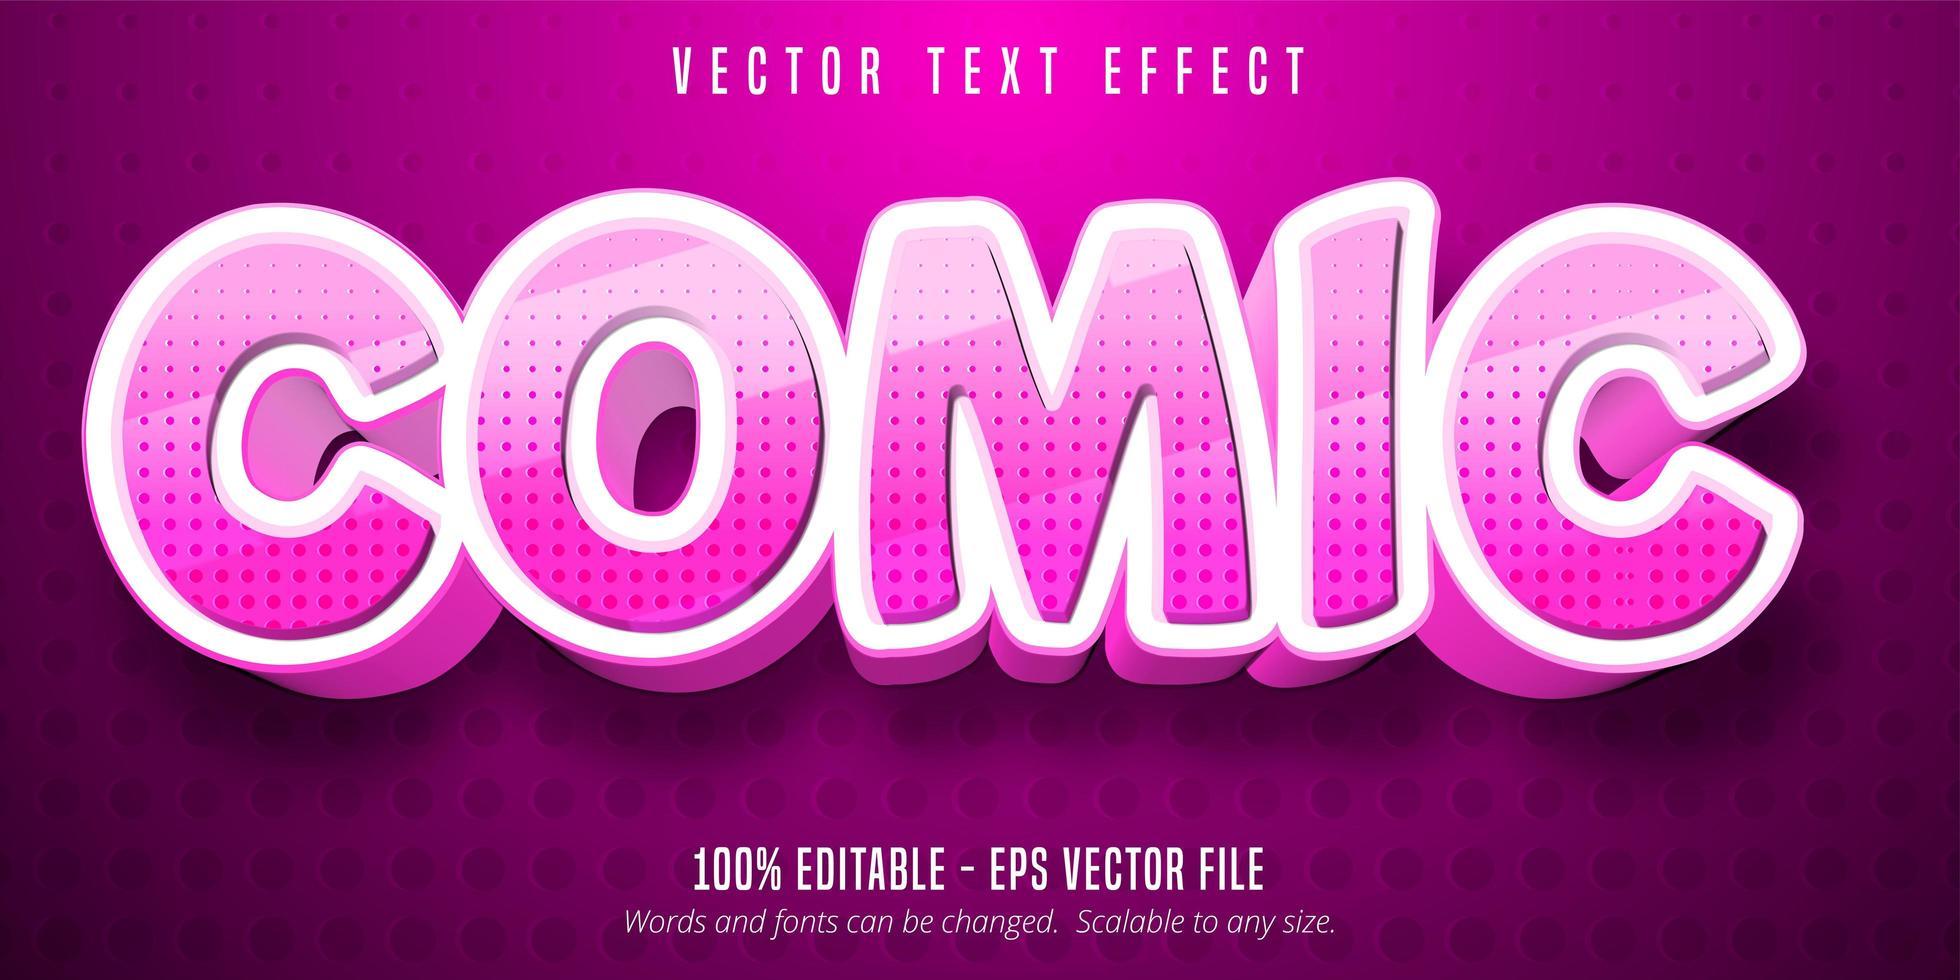 prickad rosa komisk tecknad stil redigerbar texteffekt vektor